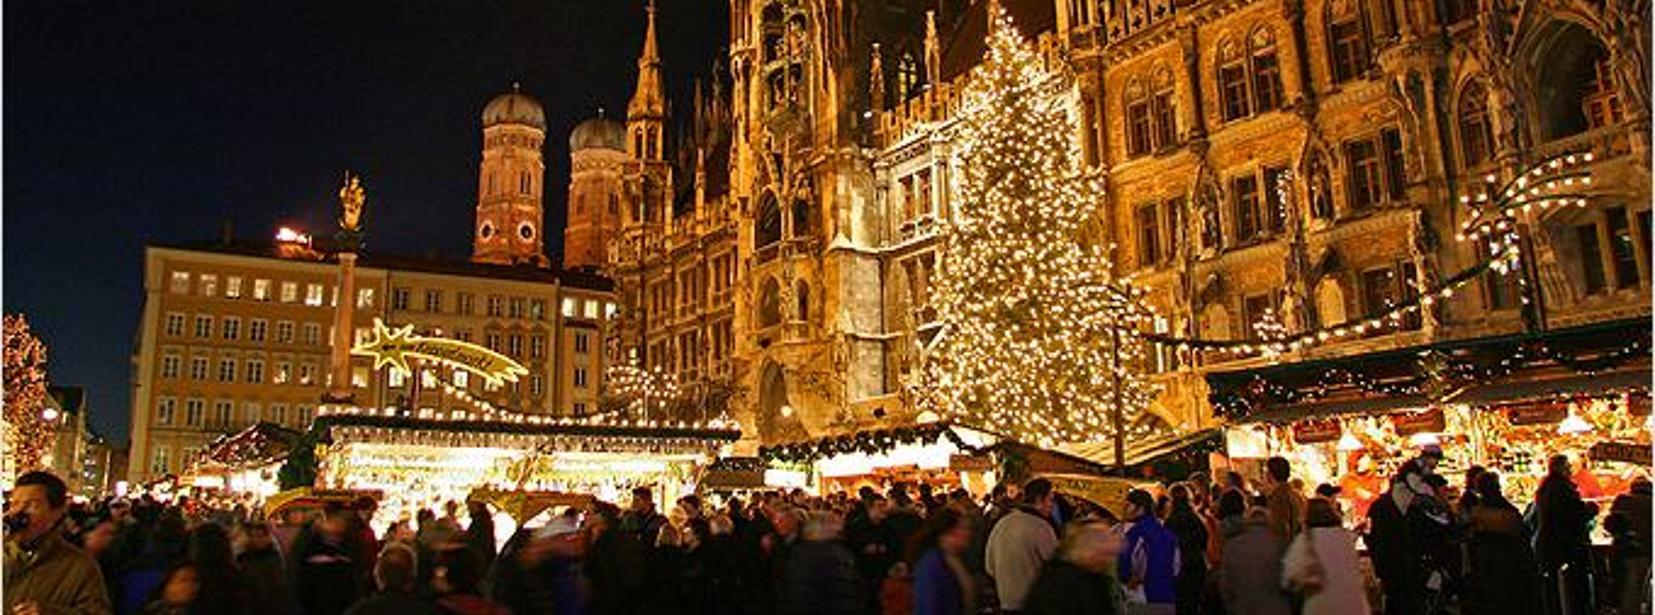 Marienplatz Weihnachtsmarkt.Christkindlmarkt Am Marienplatz München Mycityhighlight